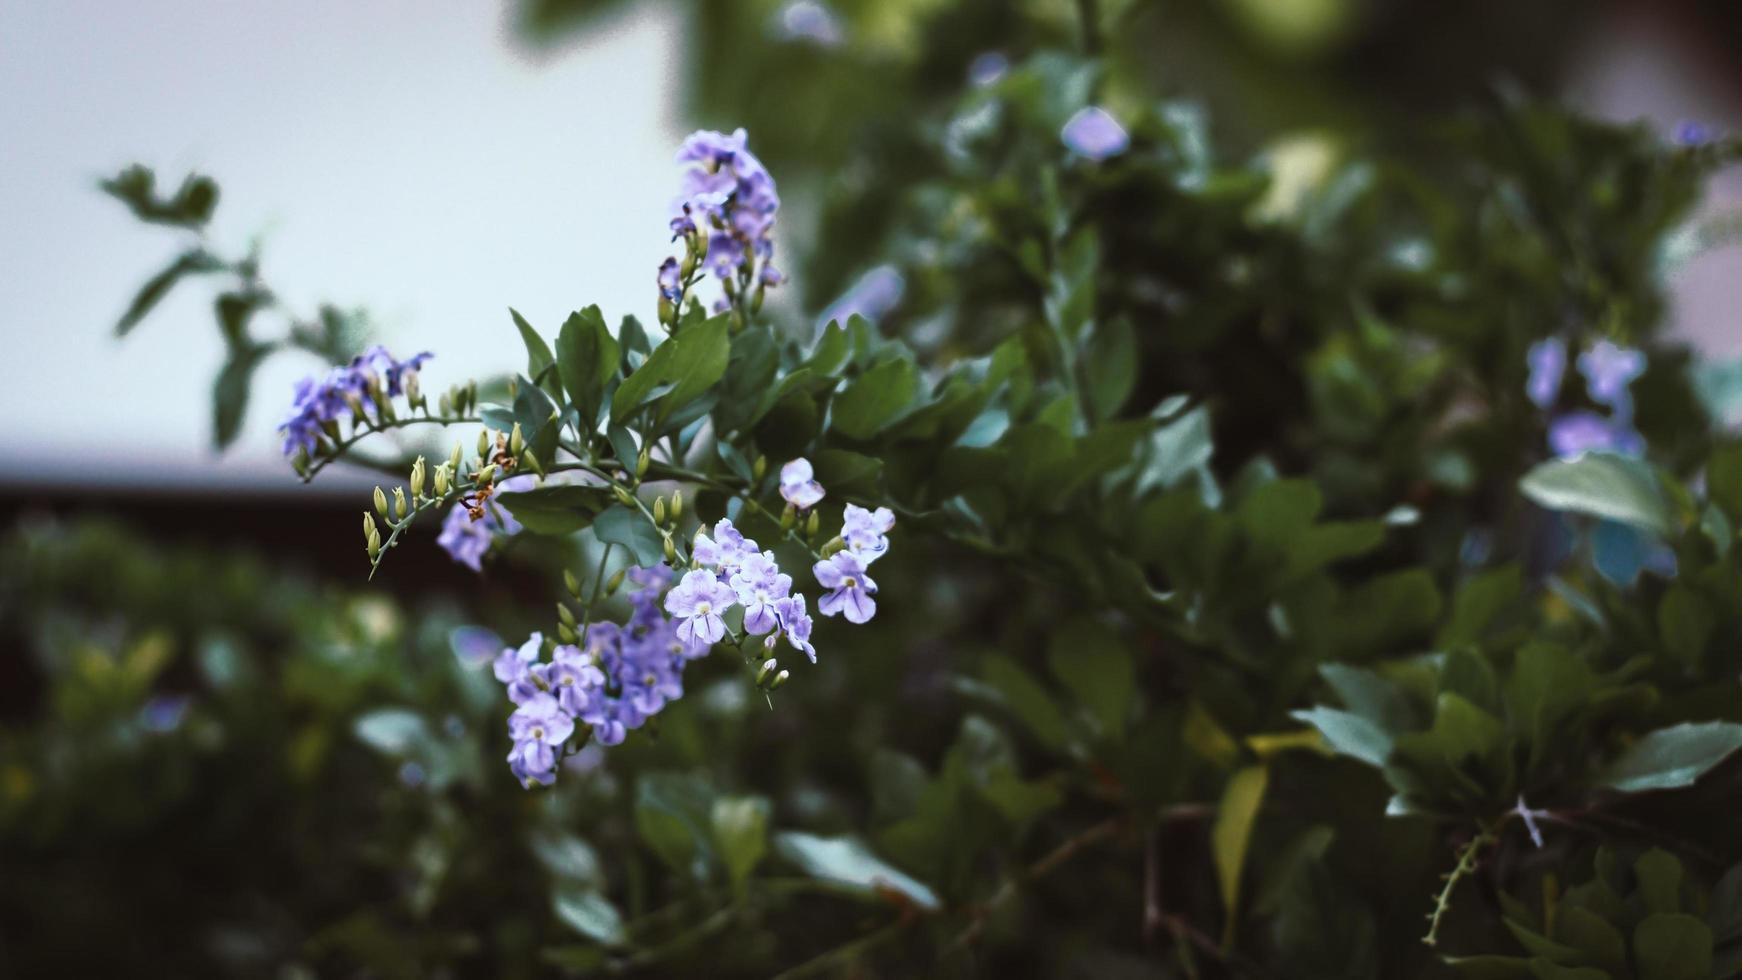 lila blommor på ett träd foto